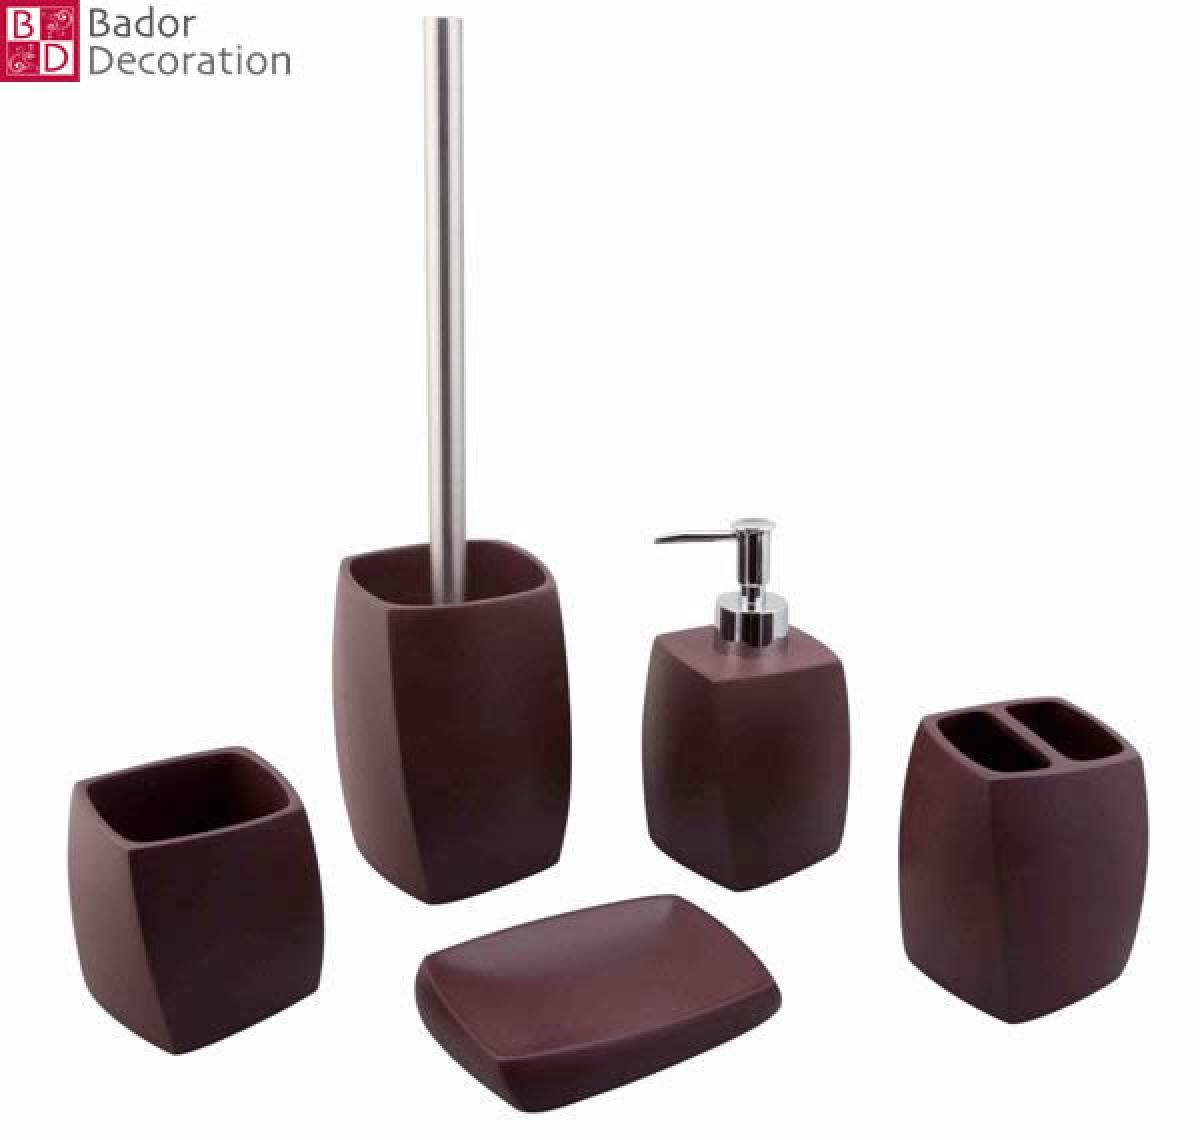 bador decoration 5 tlg bad set helios braun. Black Bedroom Furniture Sets. Home Design Ideas